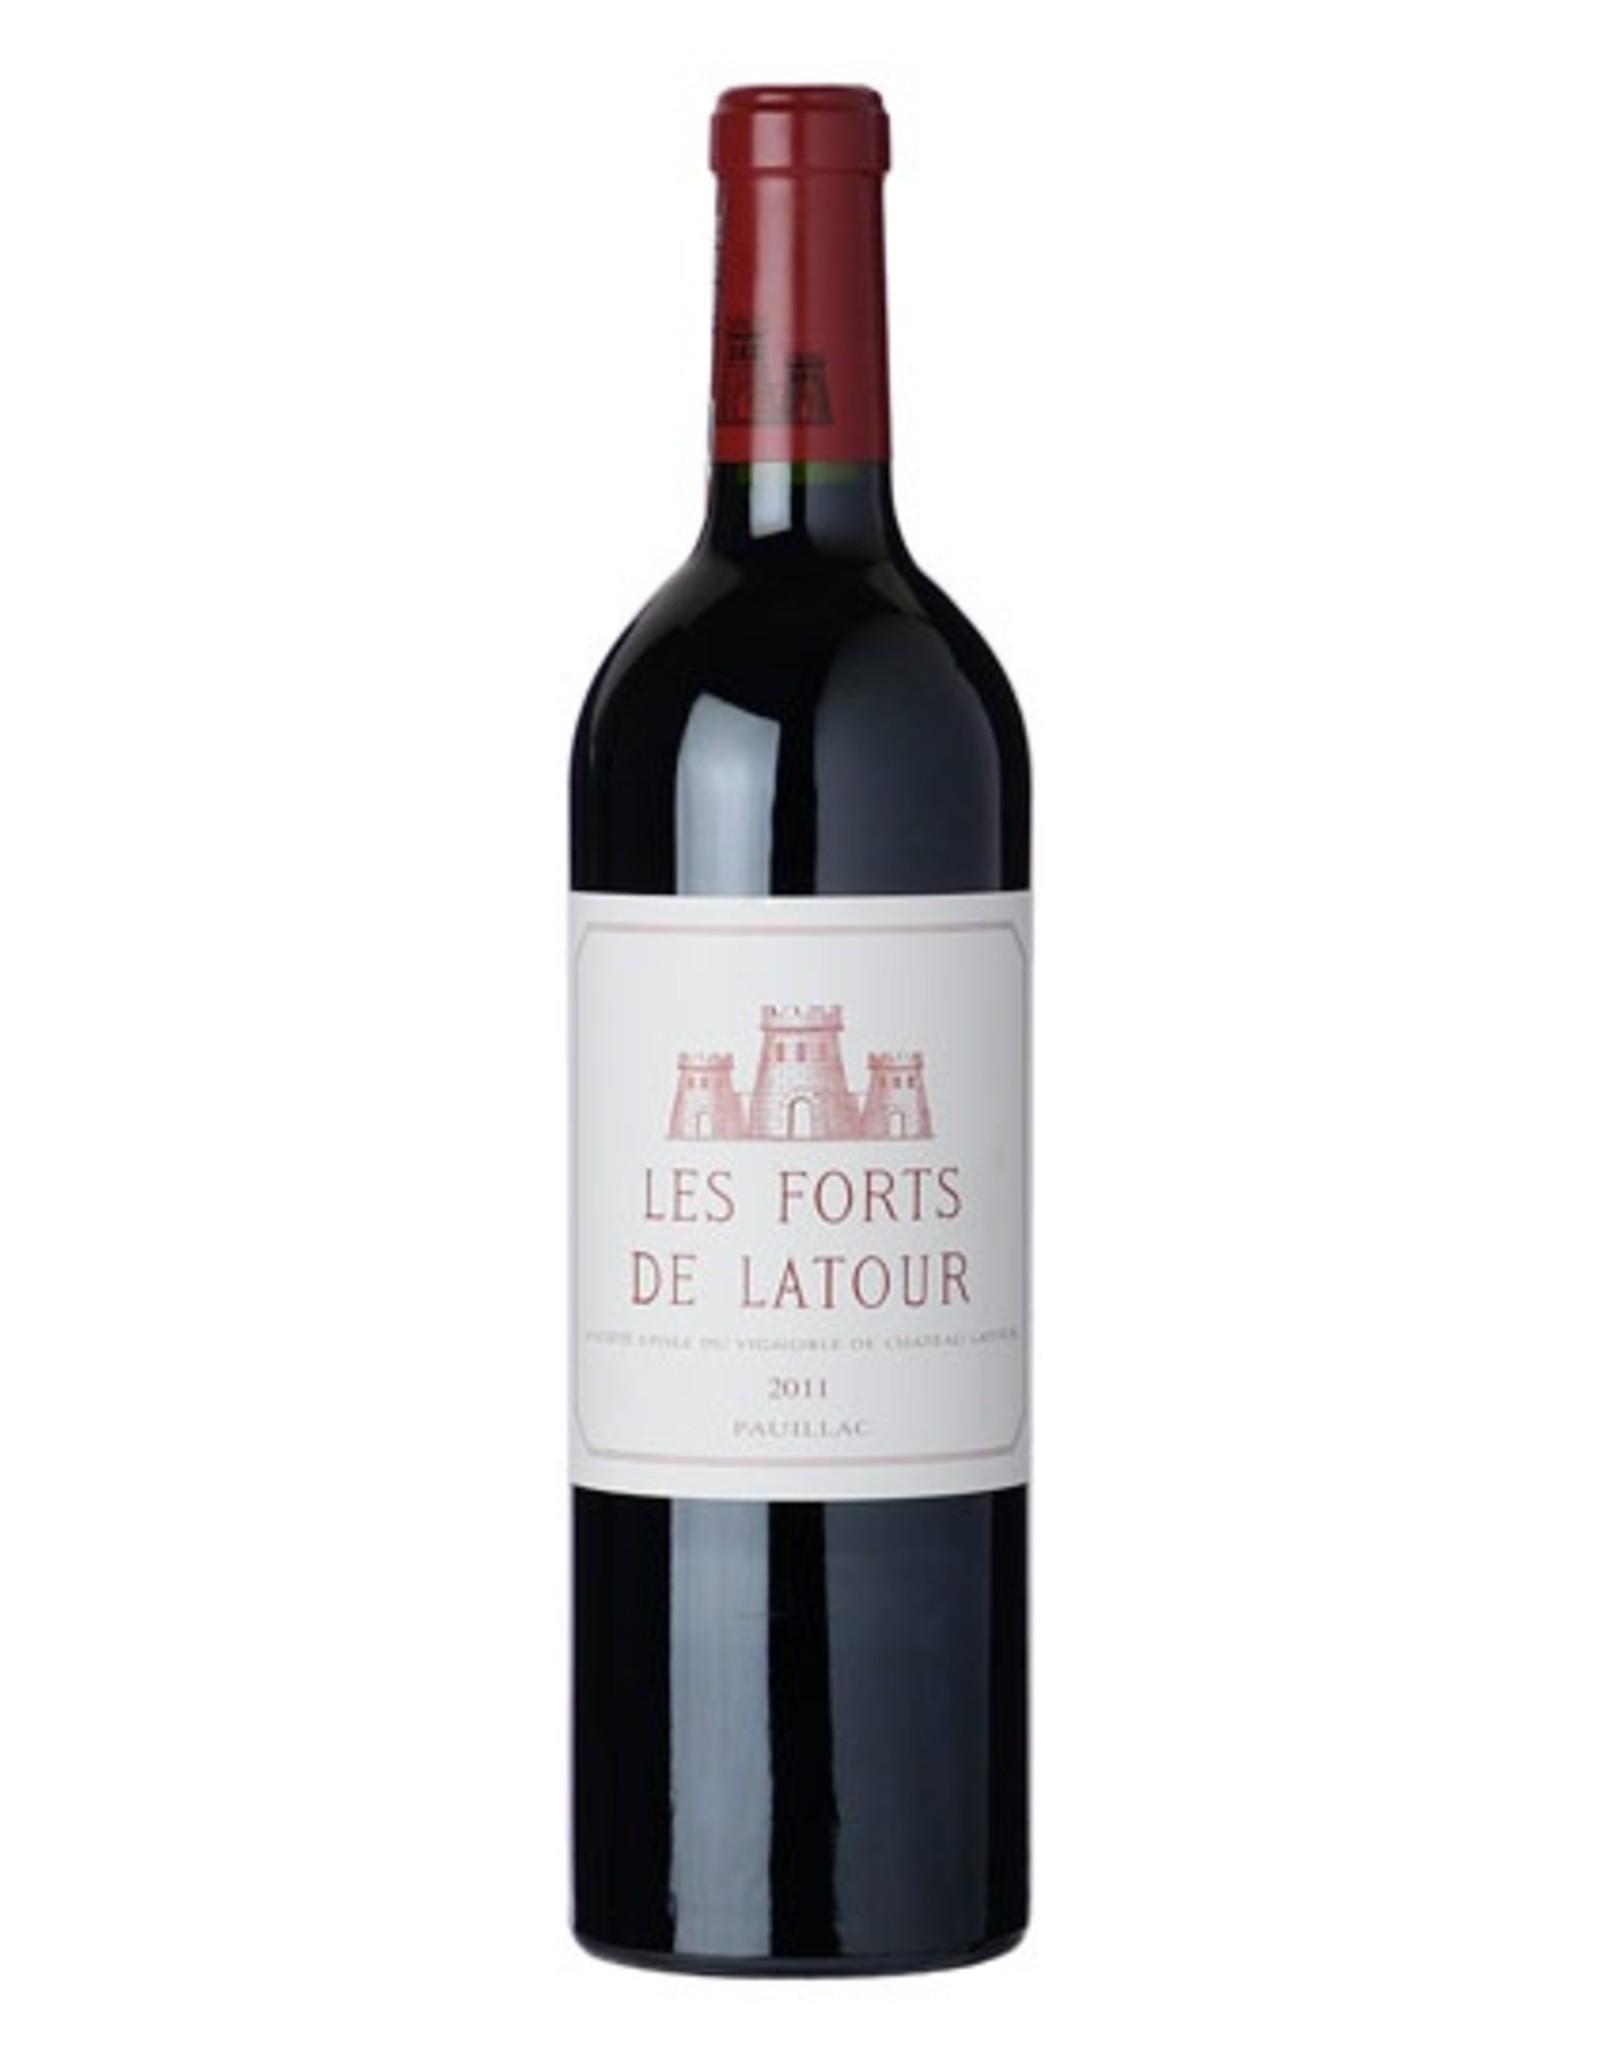 Red Wine 2011, Les Forts de Latour 1st Growth 2nd Grand Cru, Red Bordeaux Blend, Pauillac, Bordeaux, France, 14% Alc, CT90, WE93